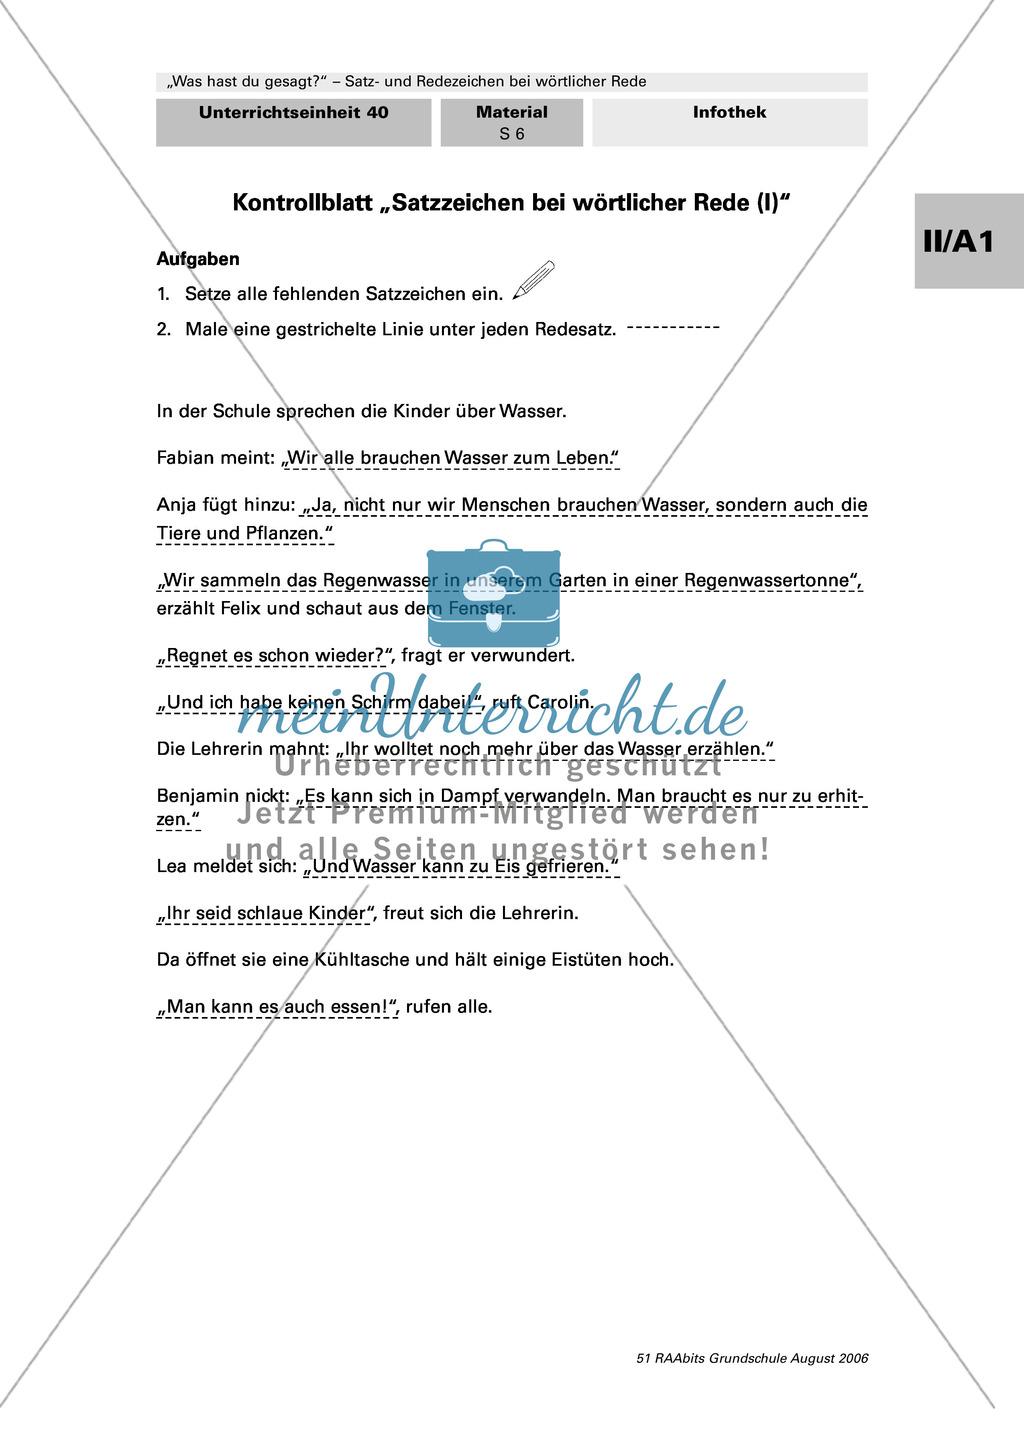 Rede und Satzzeichen bei wörtlicher Rede: Anwendung in einem größeren Zusammenhang: Dialoge und Texte Preview 1